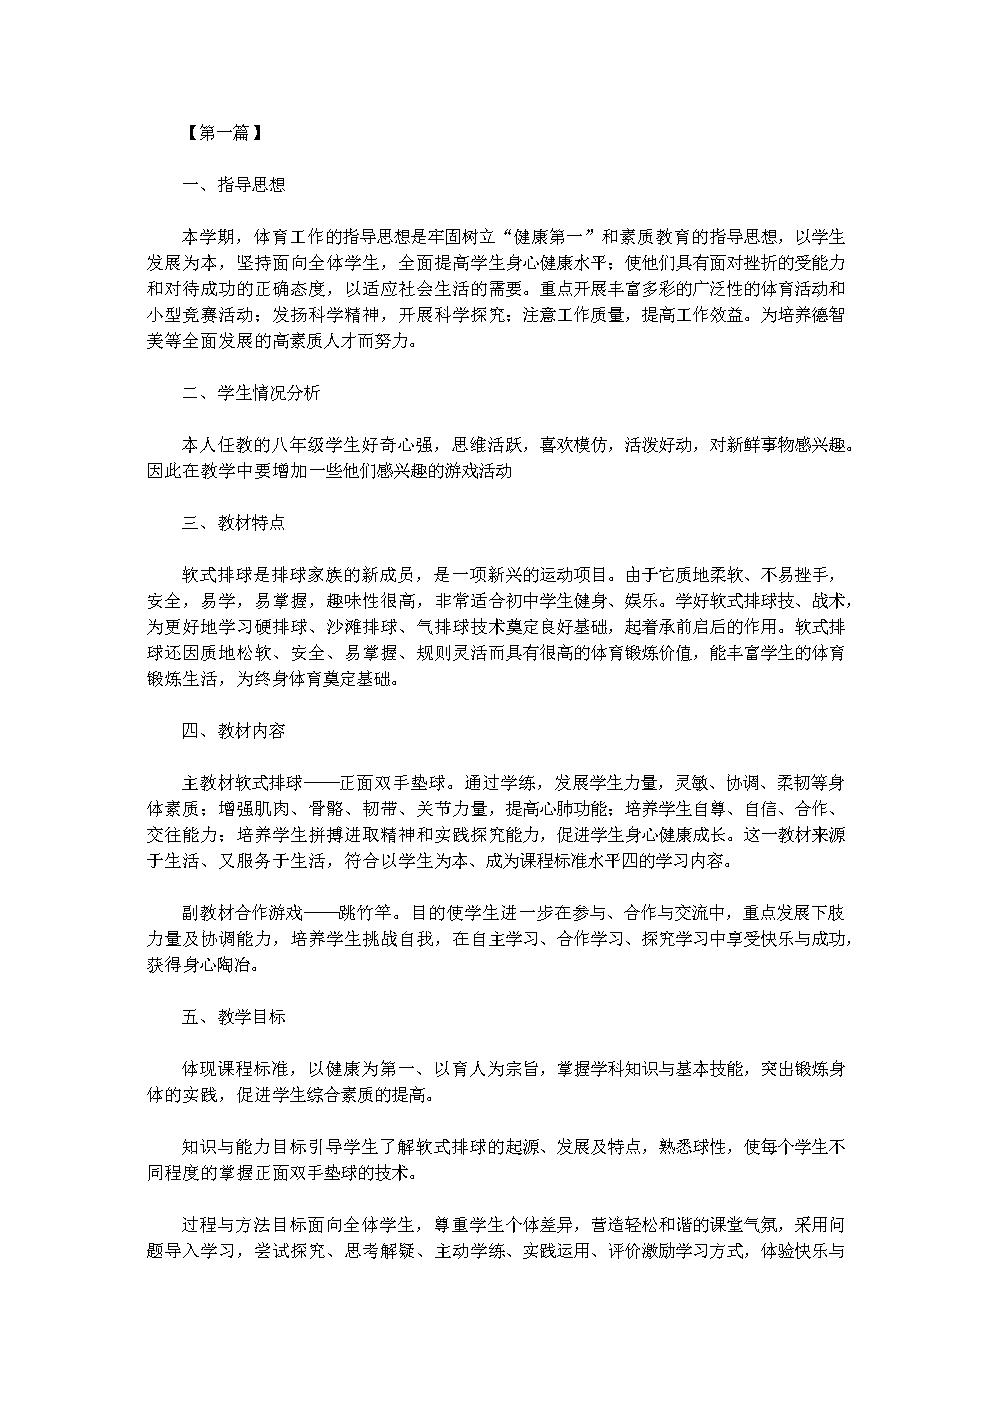 2020年初中学校体育教学计划五篇汇总.doc